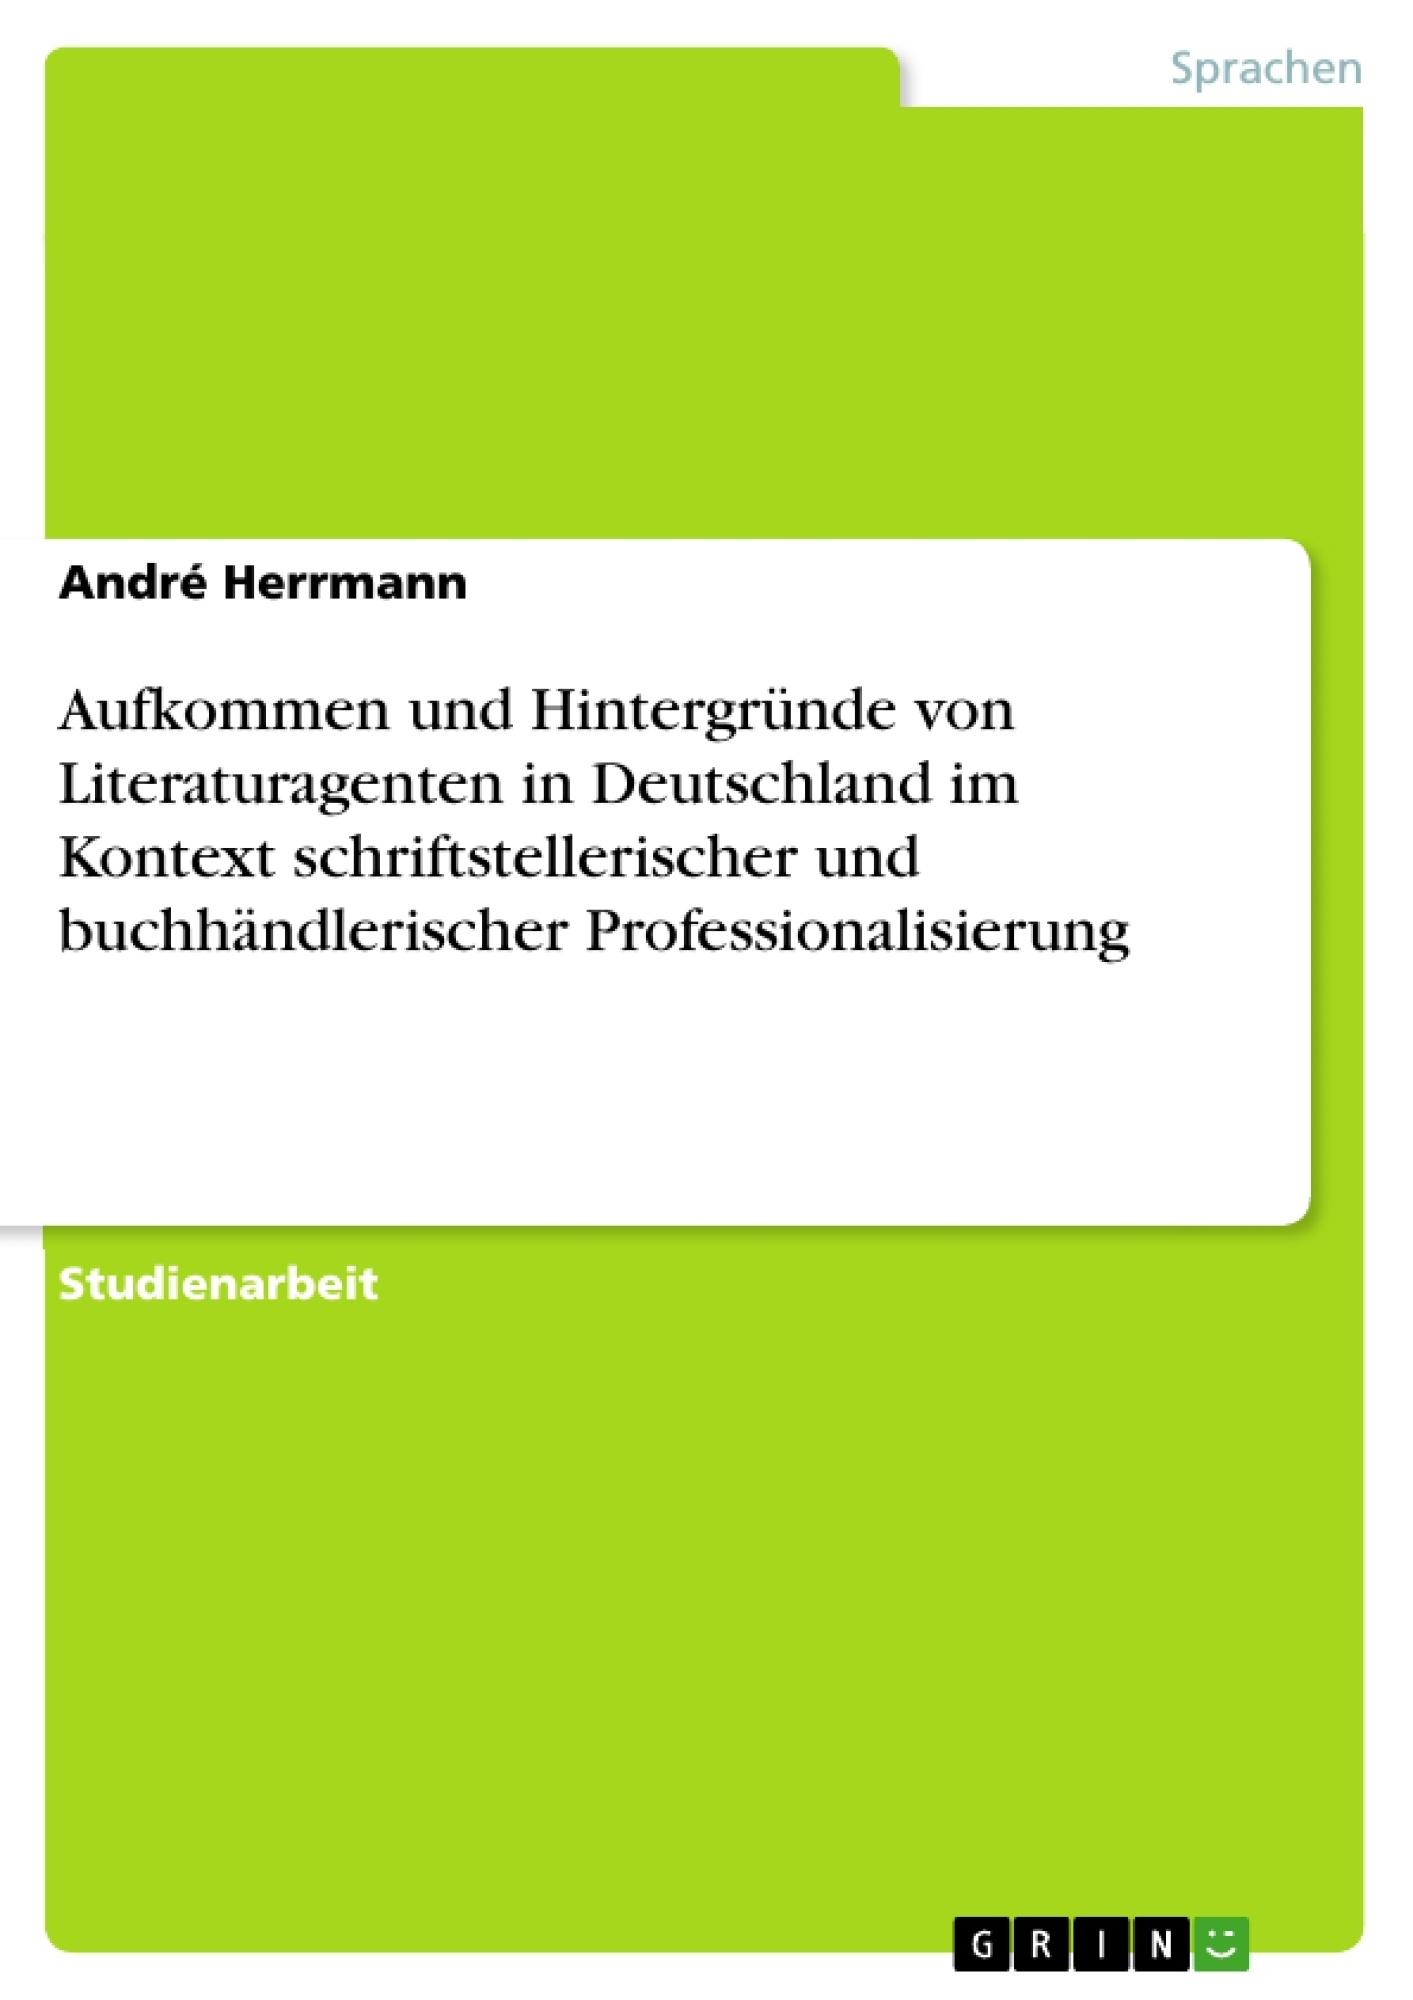 Titel: Aufkommen und Hintergründe von Literaturagenten in Deutschland im Kontext schriftstellerischer und buchhändlerischer Professionalisierung